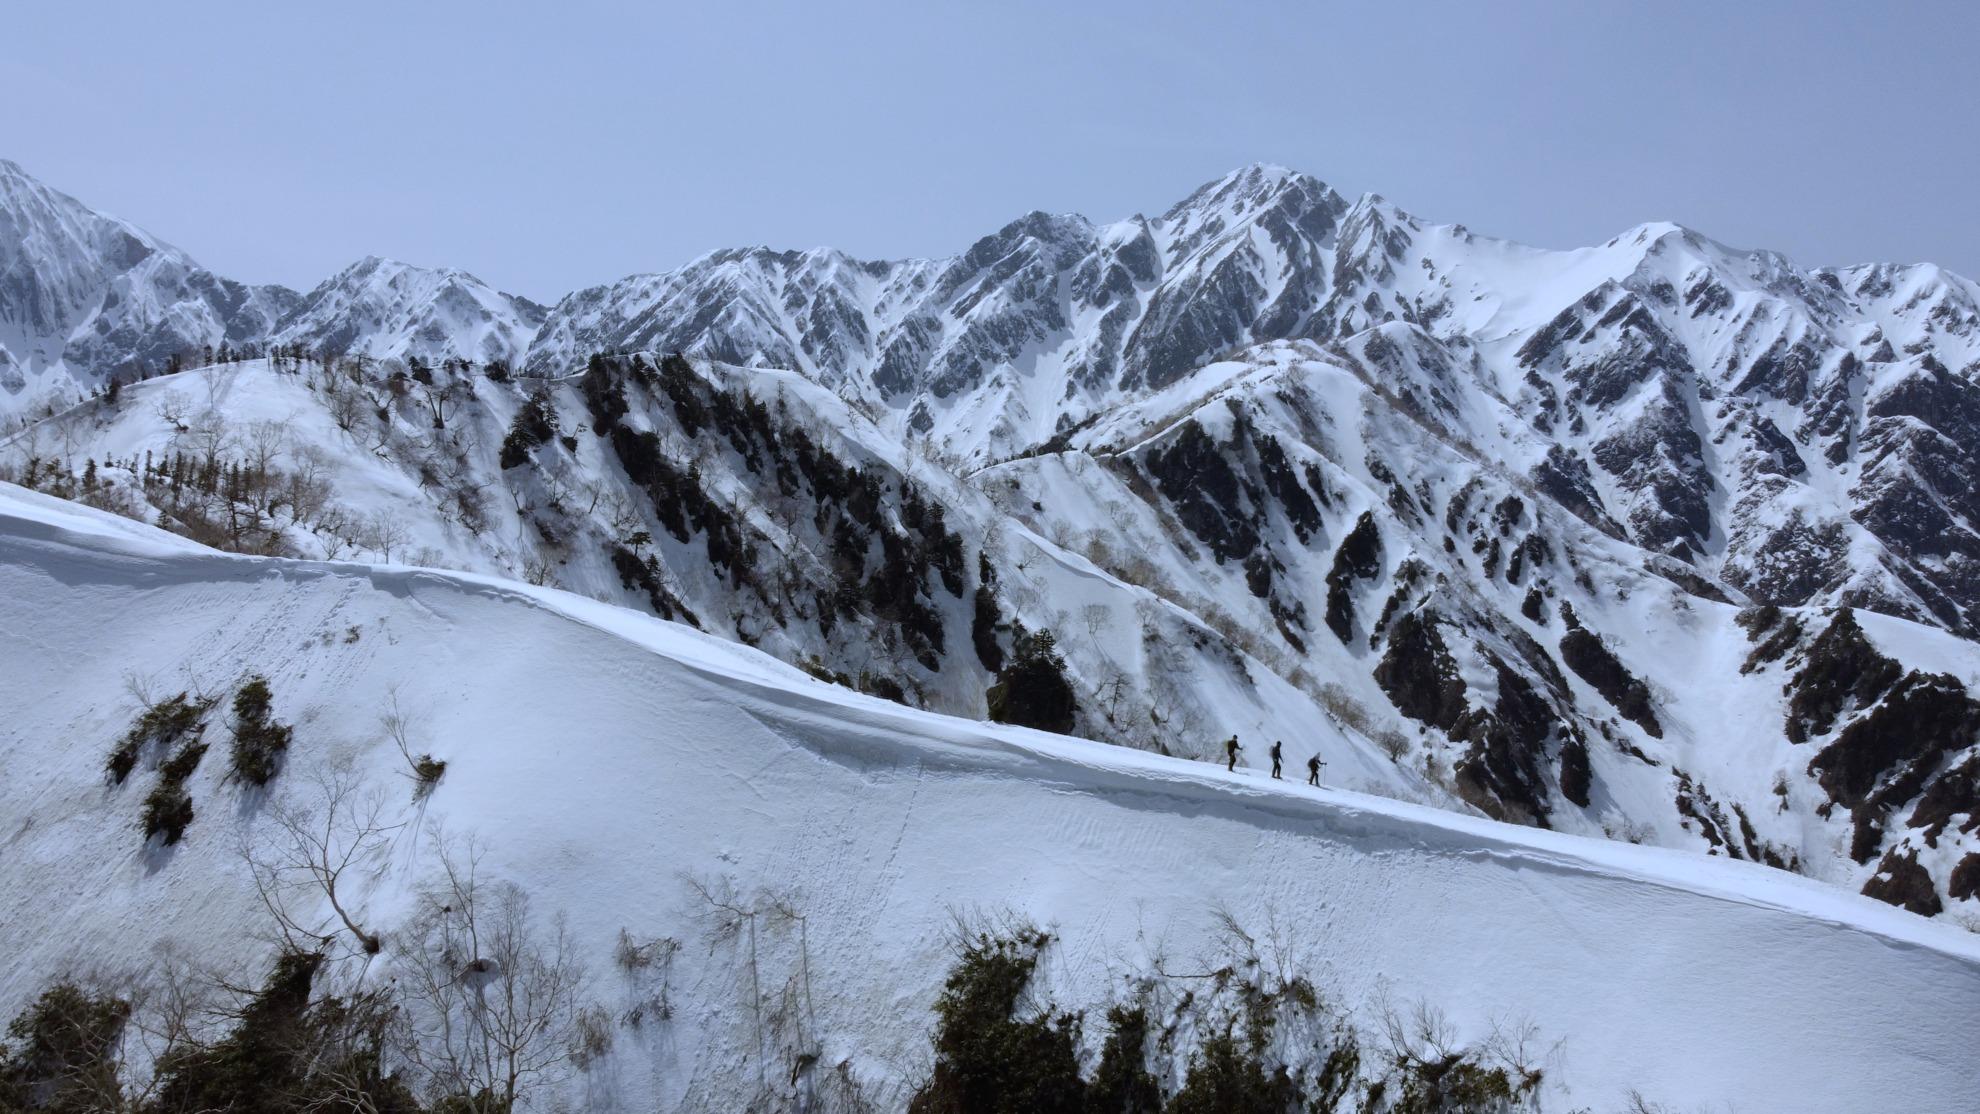 雪の遠見尾根と五竜岳 ドローン